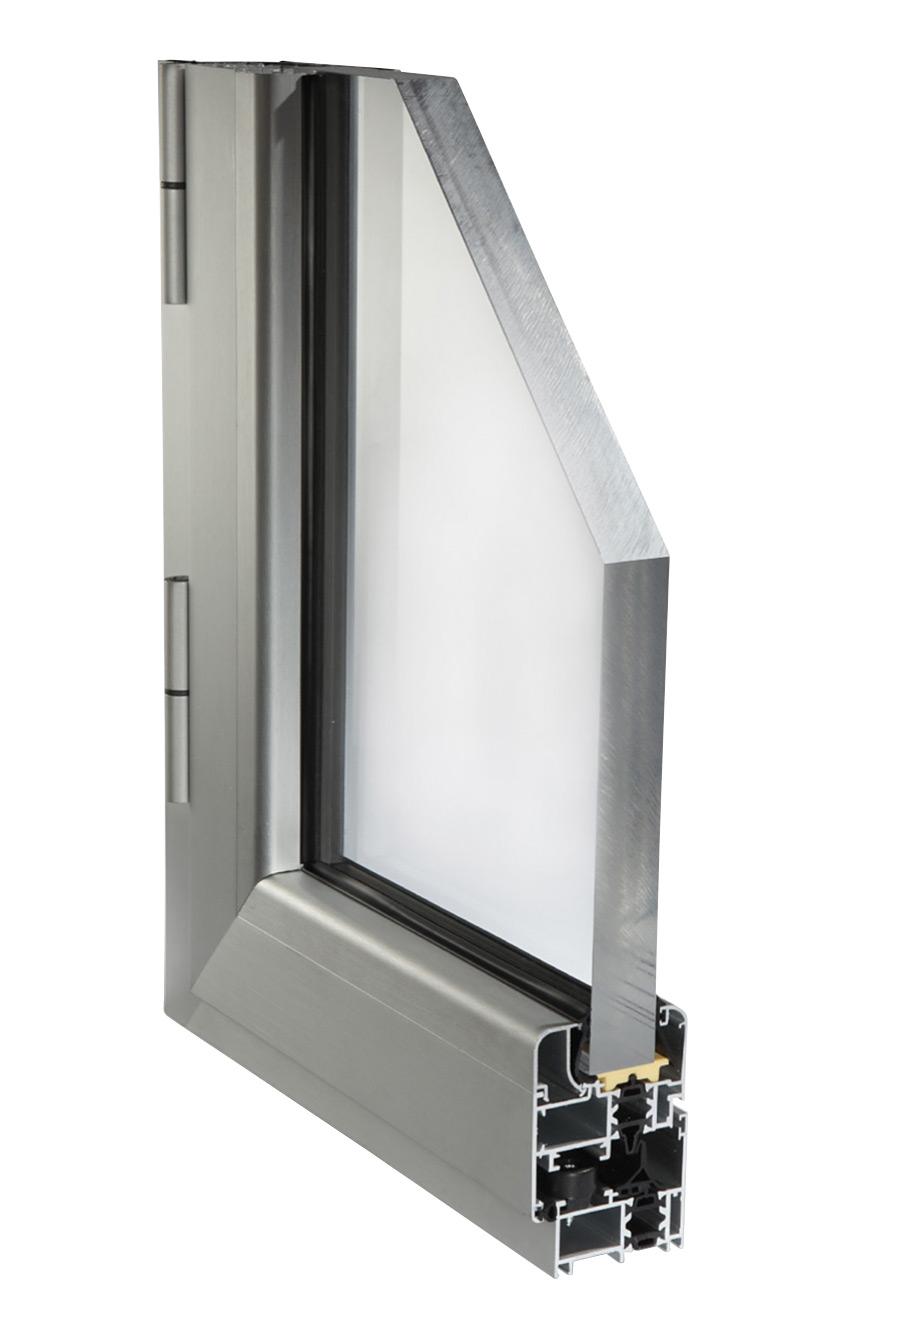 Profili alluminio per finestre serramenti a taglio termico for Scheda tecnica anta ribalta giesse